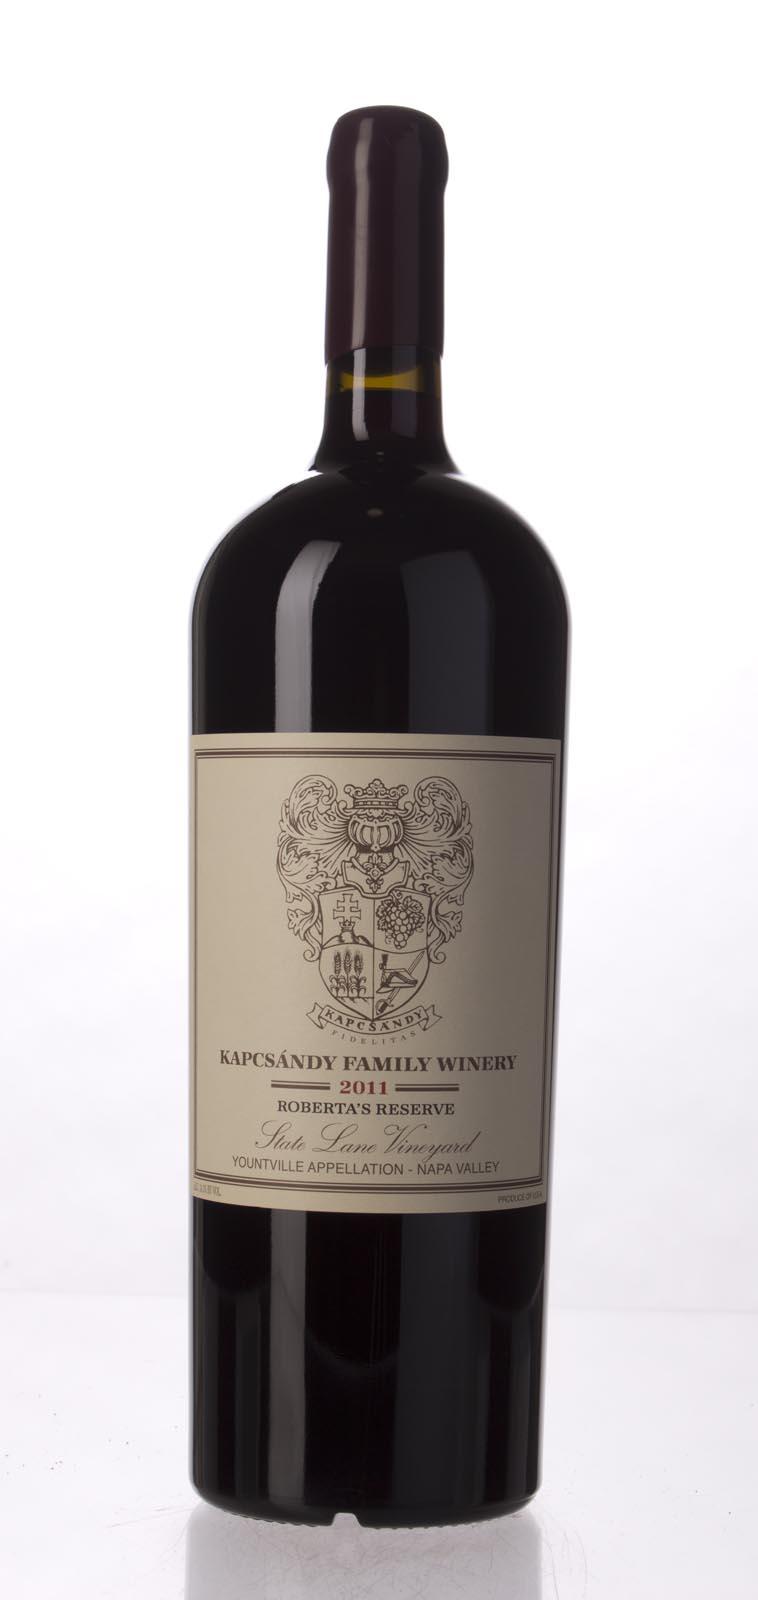 Kapcsandy Family Winery State Lane Cabernet Sauvignon